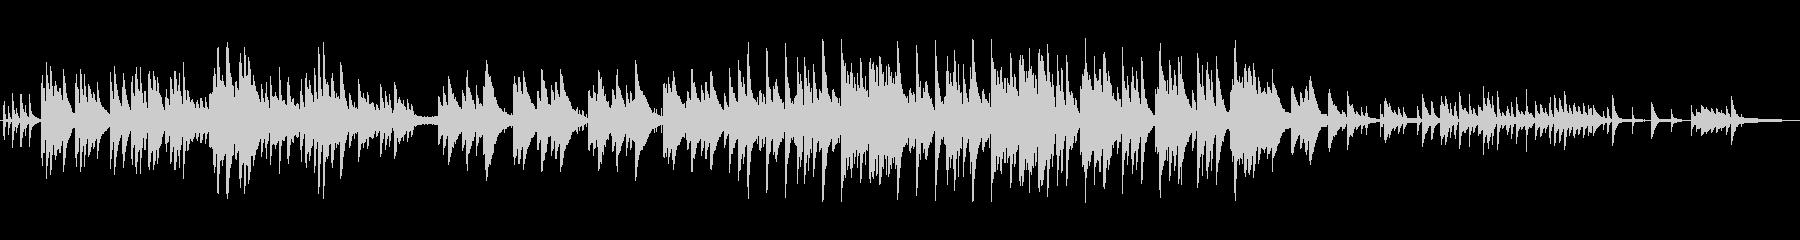 優しく儚げなピアノBGMの未再生の波形